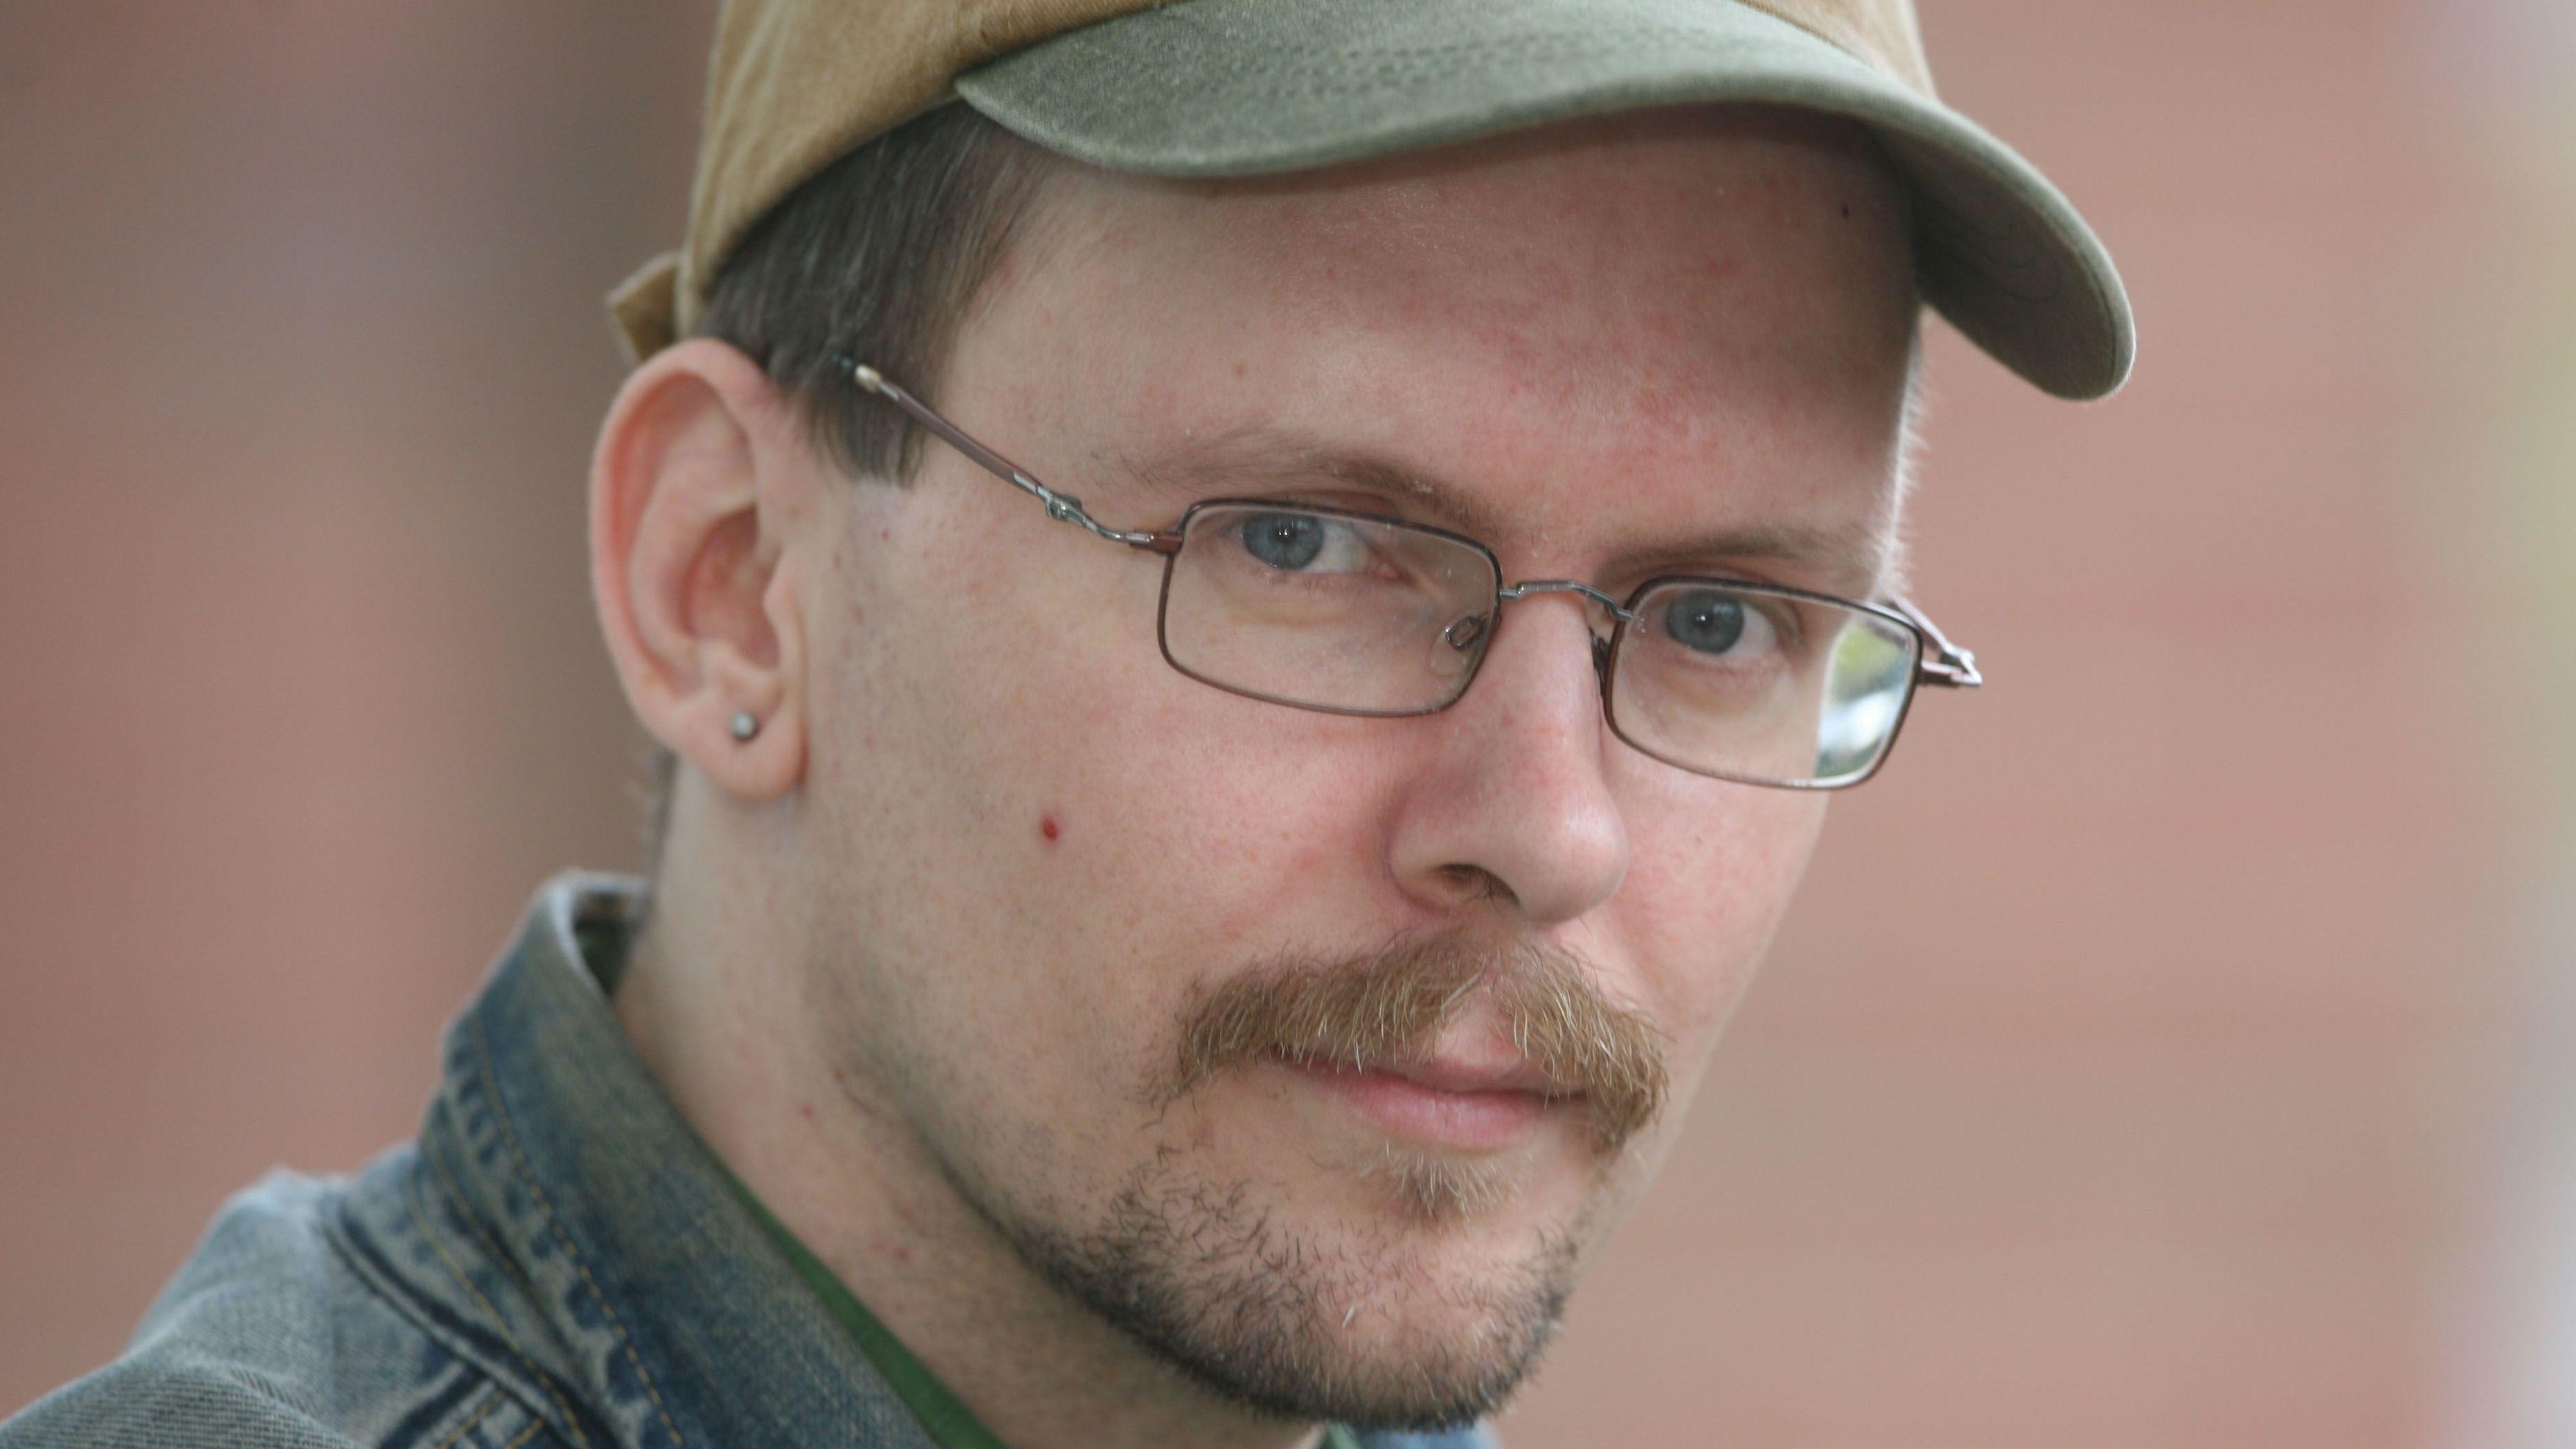 Porträt von Dietmar Dath, er trägt Brille und eine Kappe.